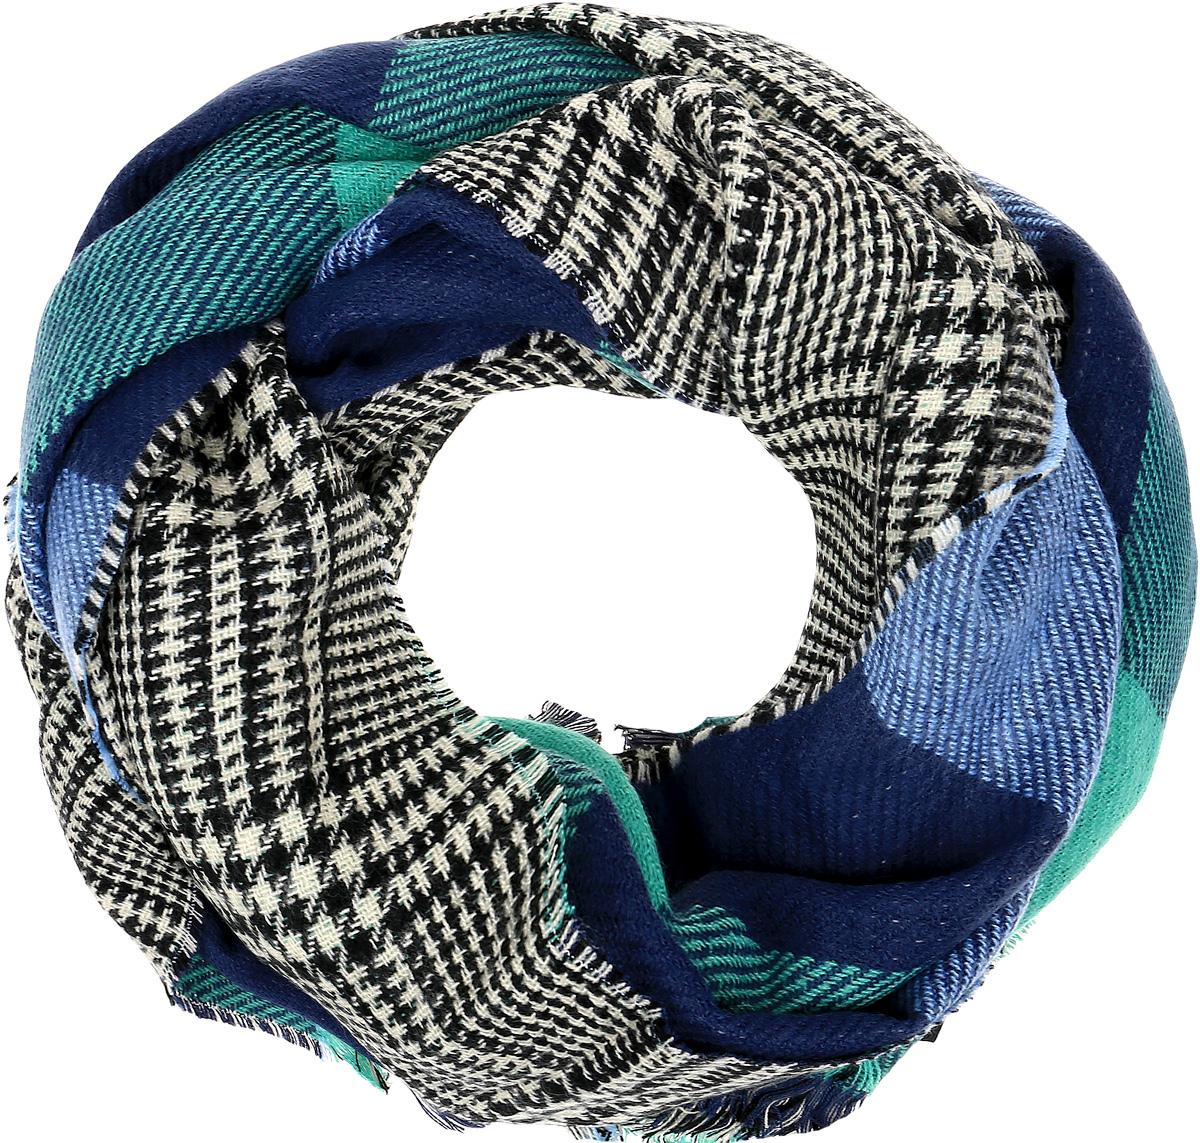 Палантин Sophie Ramage, цвет: синий мультиколор. SJ-21605-3. Размер 70 см х 180 смSJ-21605-3Элегантный палантин Sophie Ramage станет достойным завершением вашего образа. Палантин изготовлен из акрила с добавлением высококачественной шерсти. Модель оформлена принтом в большую клетку и дополнена стильной бахромой. Палантин красиво драпируется, он превосходно дополнит любой наряд и подчеркнет ваш изысканный вкус. Легкий и изящный палантин привнесет в ваш образ утонченность и шарм.